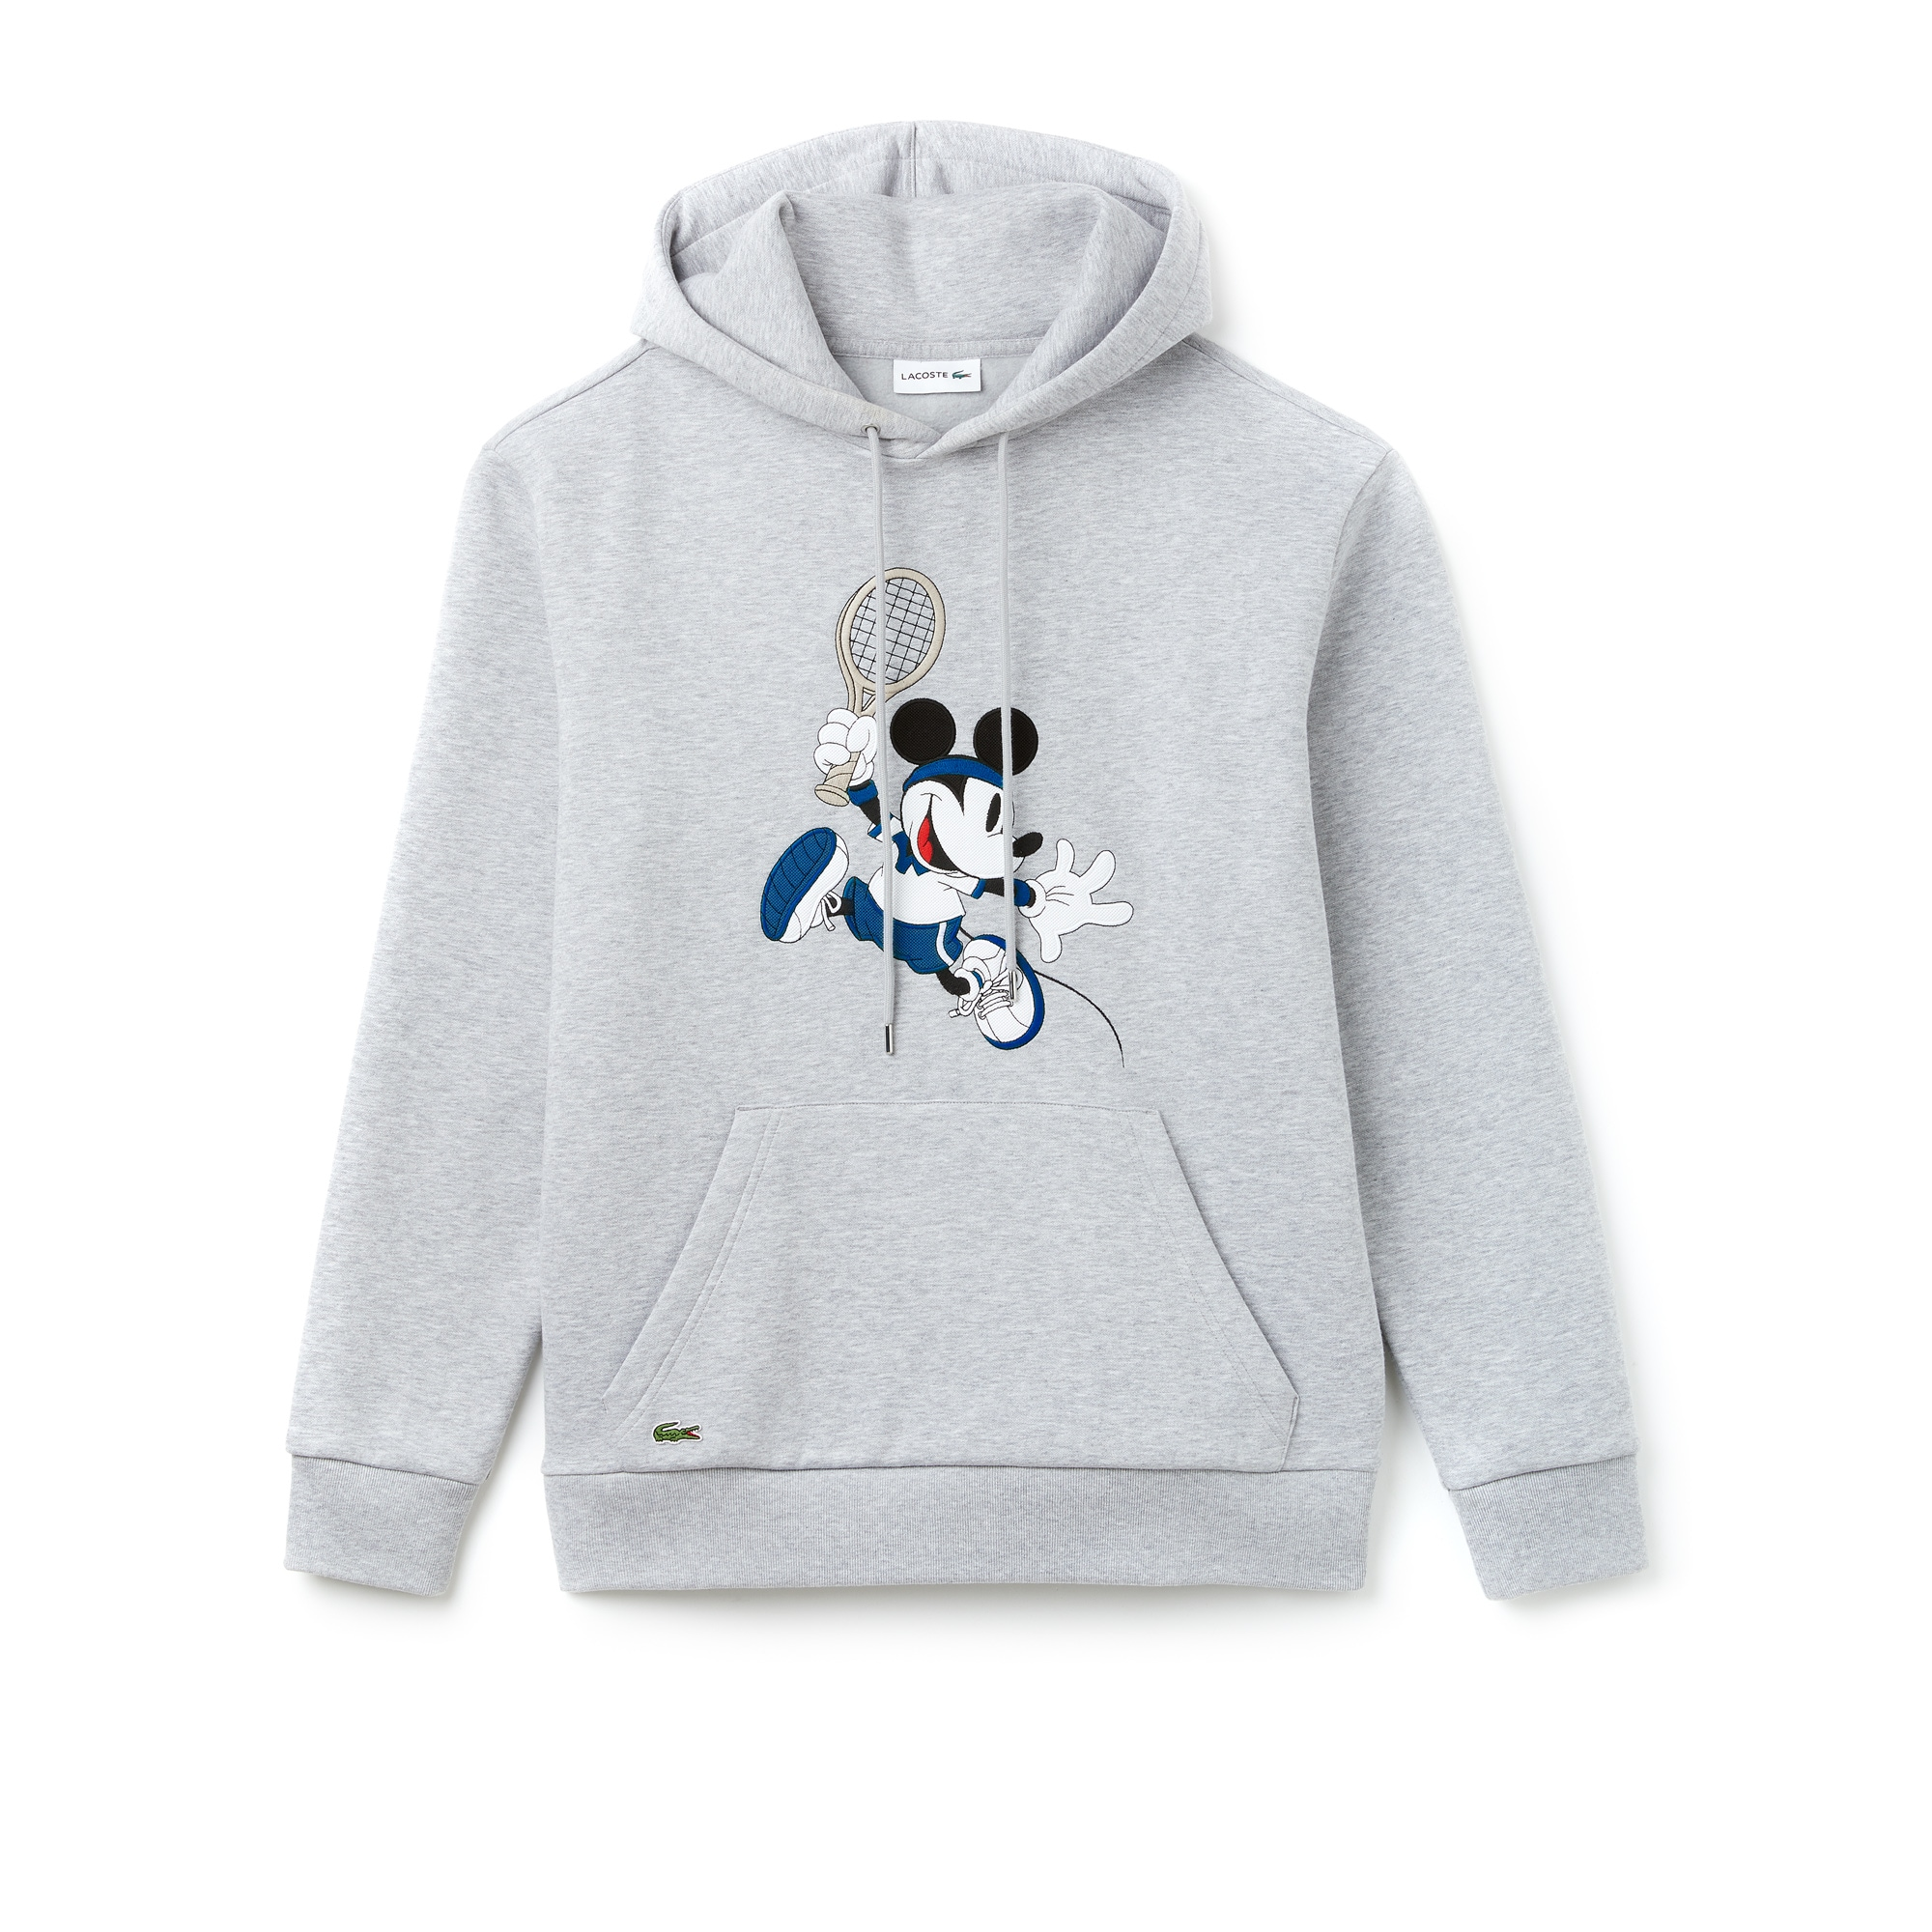 라코스테 Lacoste Unisex 샵디즈니 Disney Mickey Embroidery Hooded Fleece Sweatshirt,silver chine